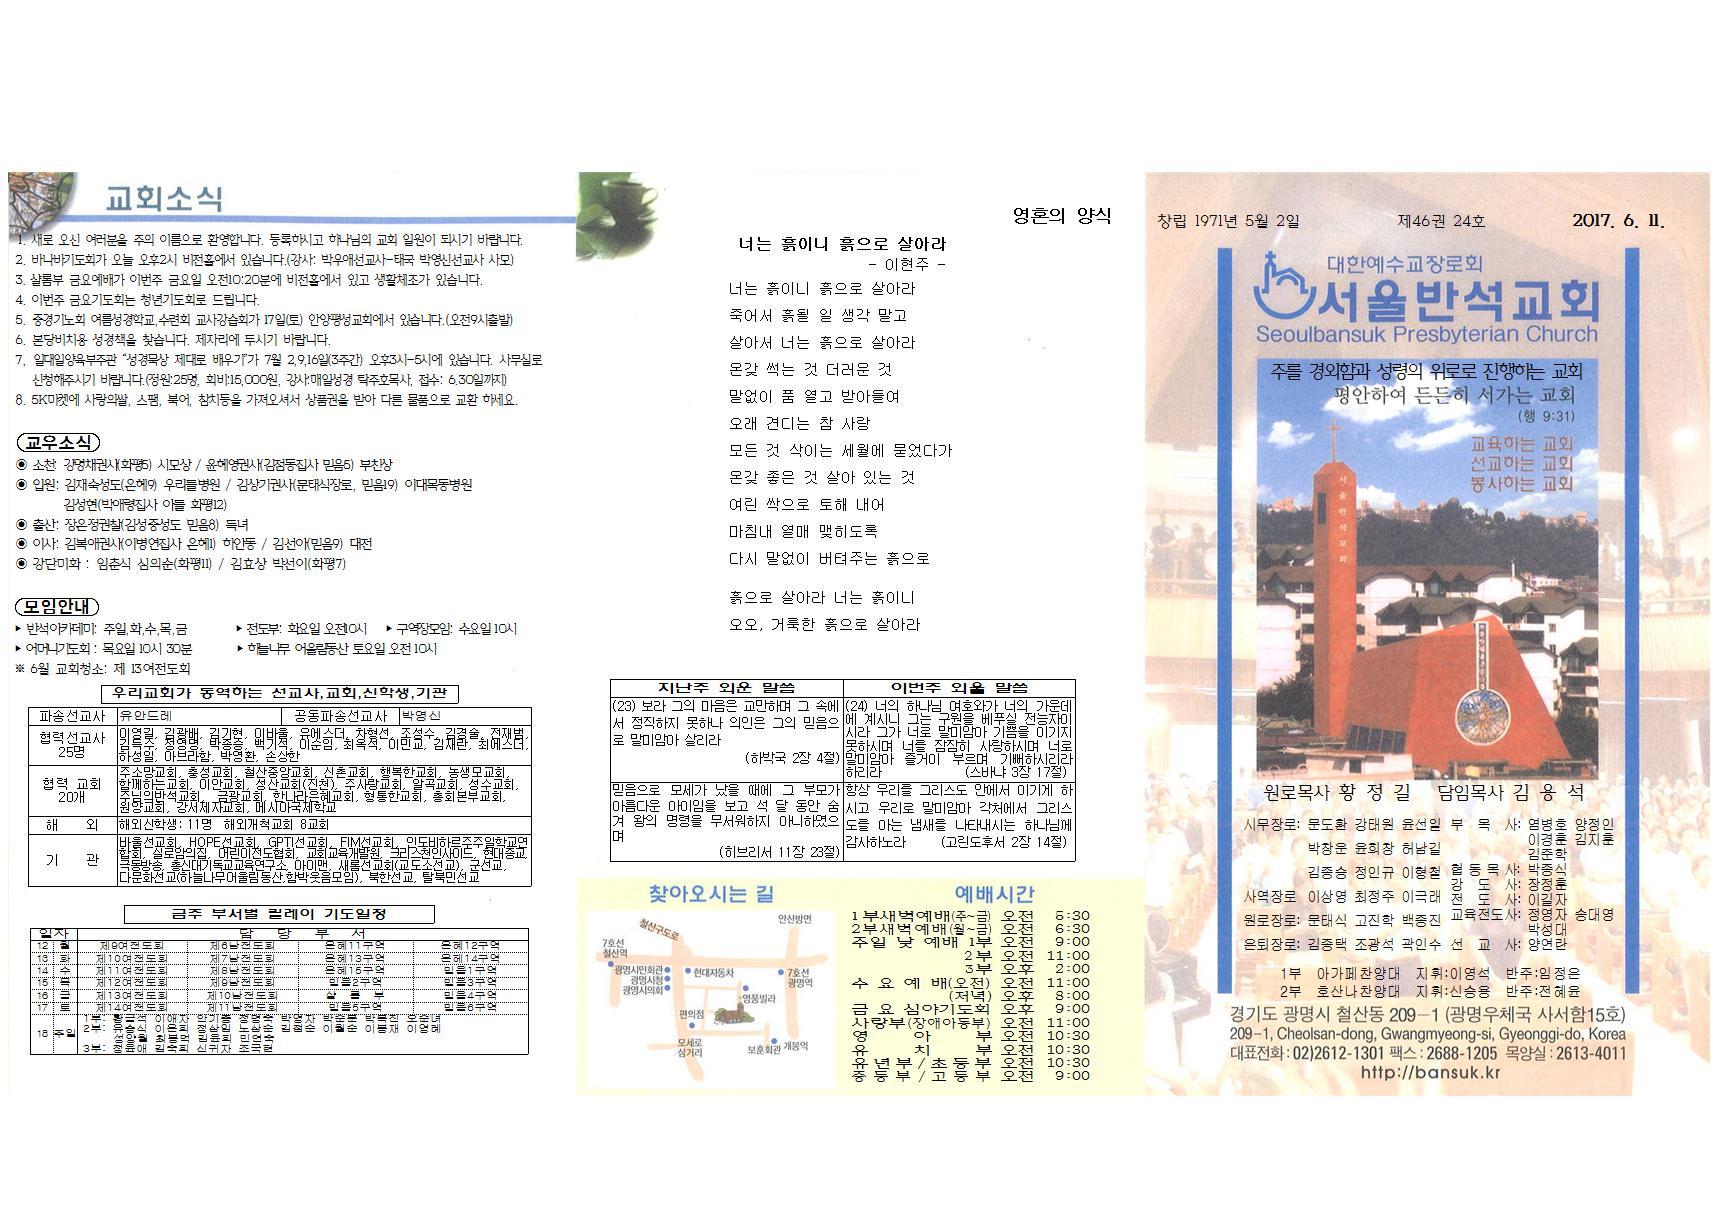 주보 제46권 24호(2017.06.11)